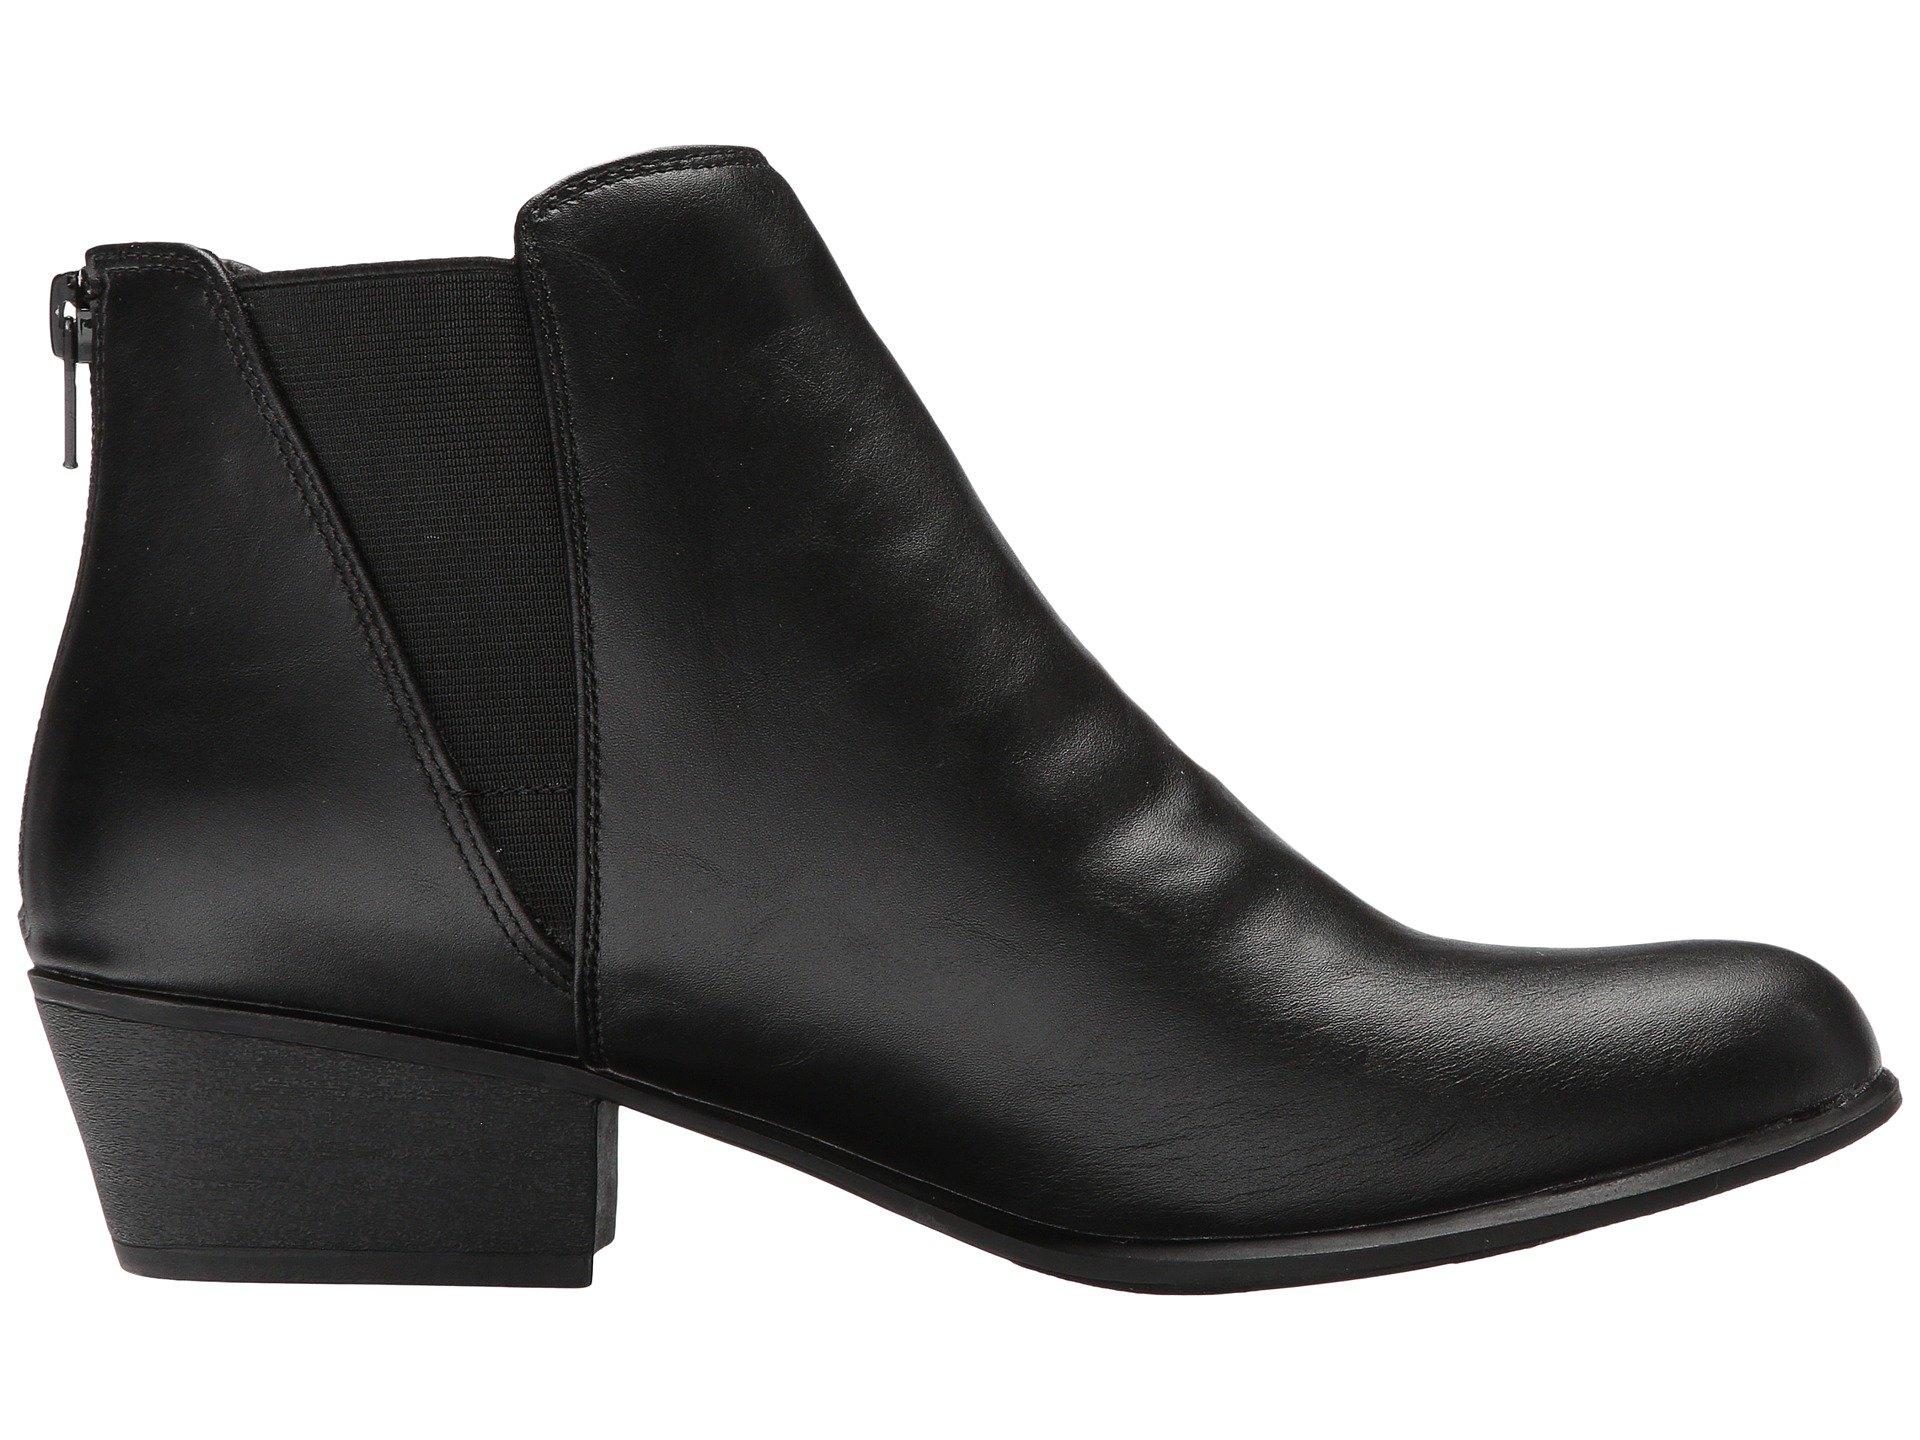 Chaps Rl Women Shoes